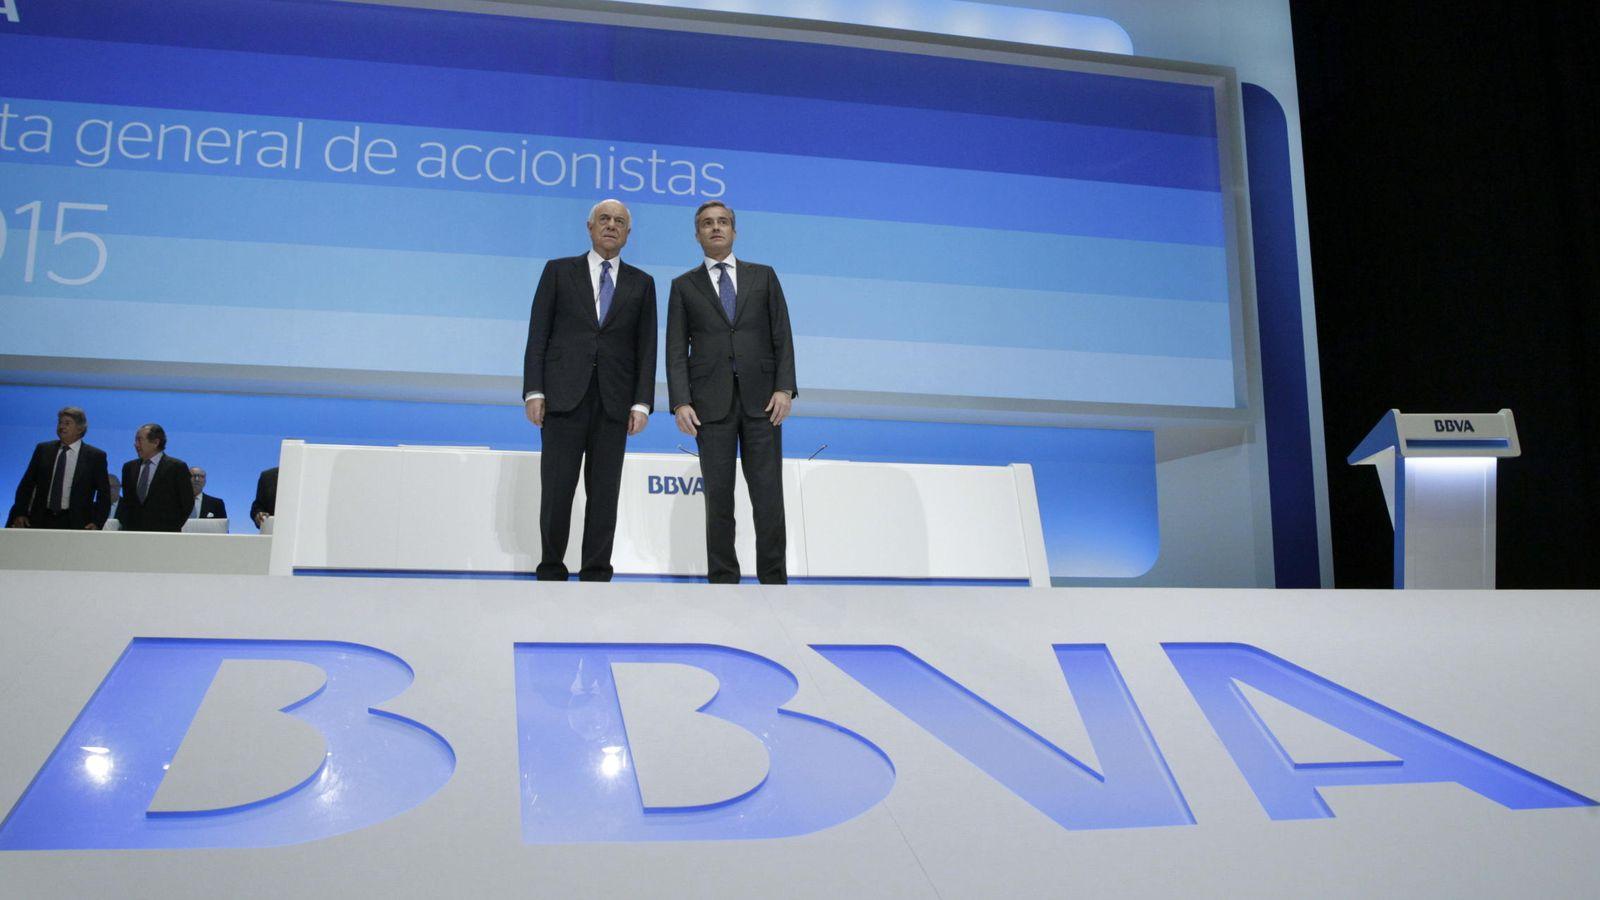 Foto: El presidente de BBVA, Francisco González, junto al consejero delegado Ángel Cano (Efe)